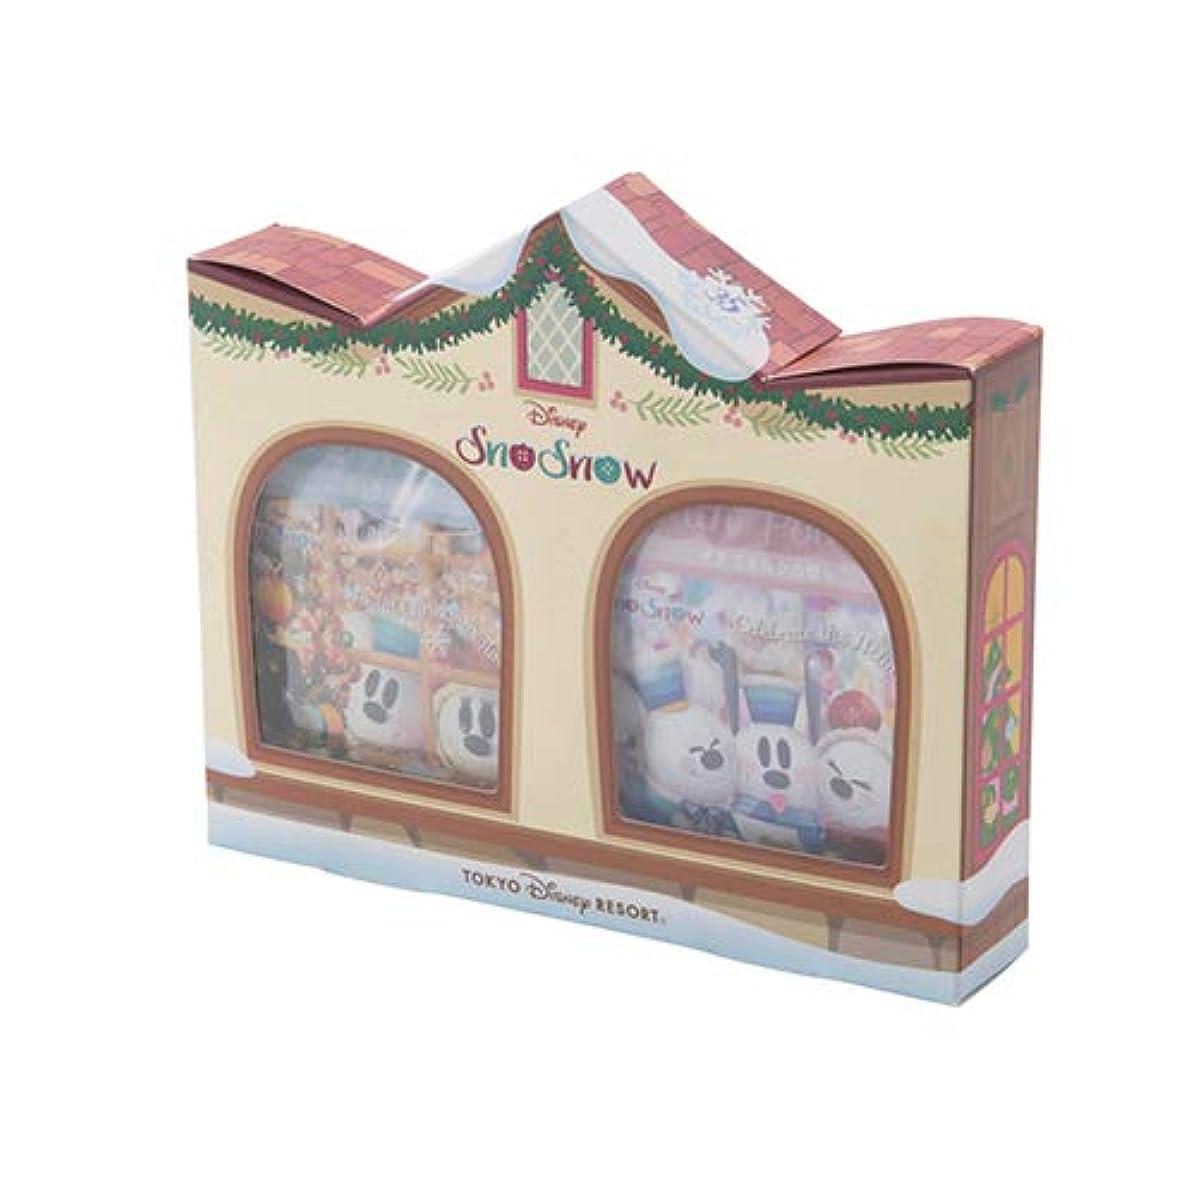 捧げるカーテン狭いスノーミッキー 入浴剤 スノースノー ディズニー クリスマス 2018 箱入り ディズニー お土産 【東京ディズニーリゾート限定】